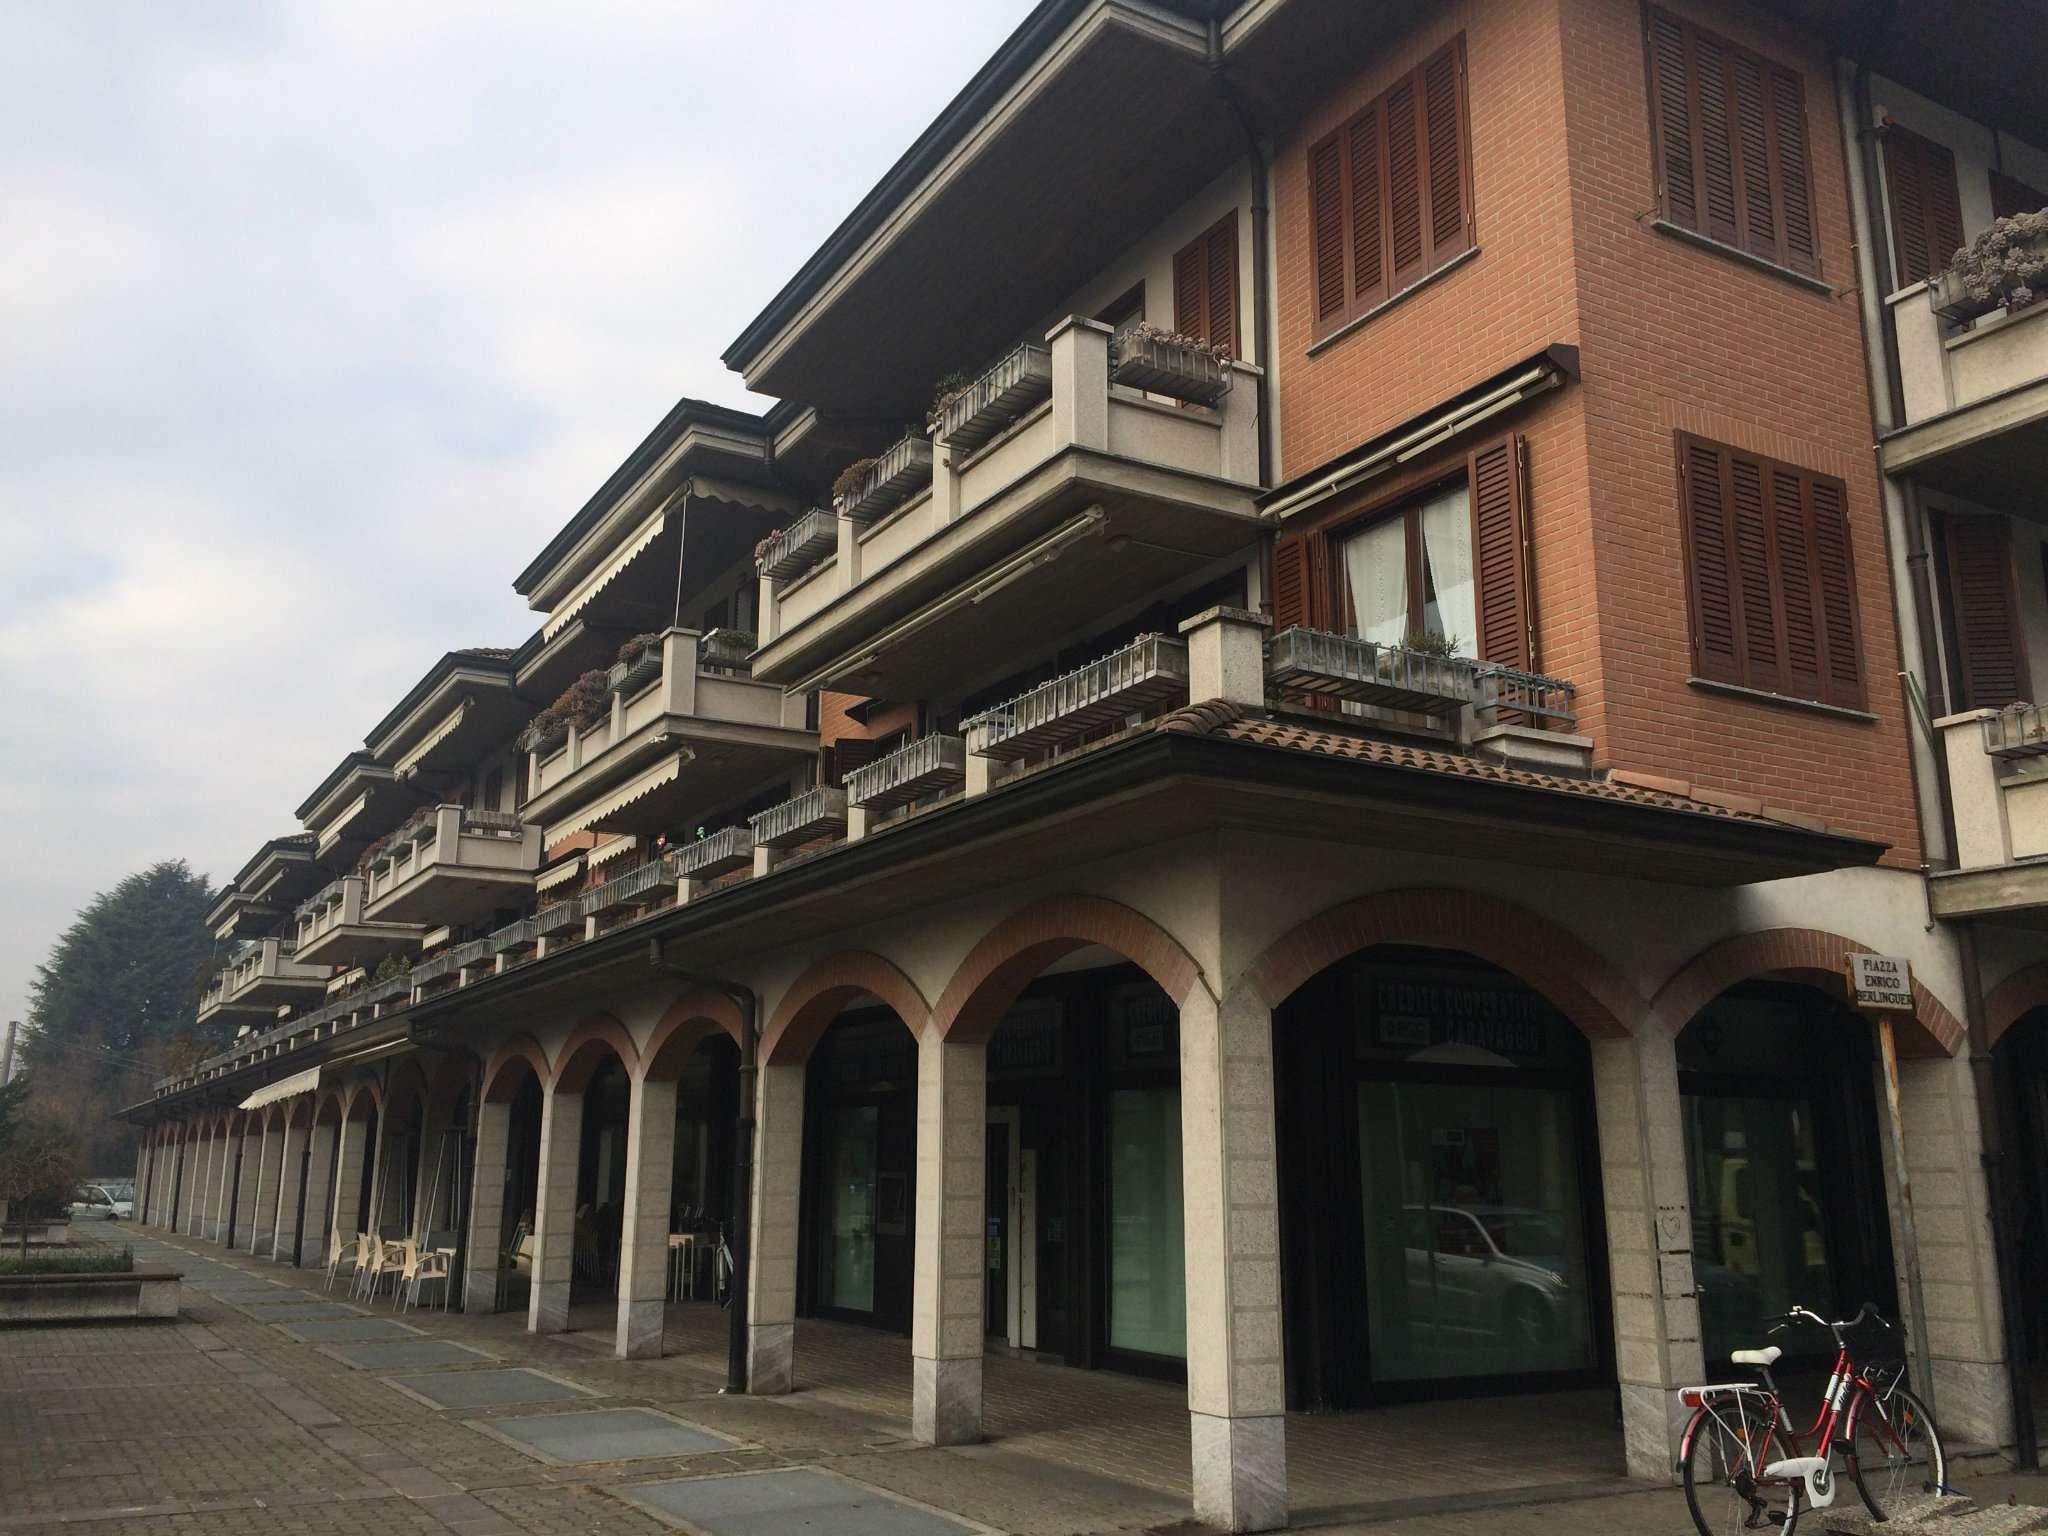 Ufficio / Studio in vendita a Paullo, 5 locali, prezzo € 295.000 | CambioCasa.it